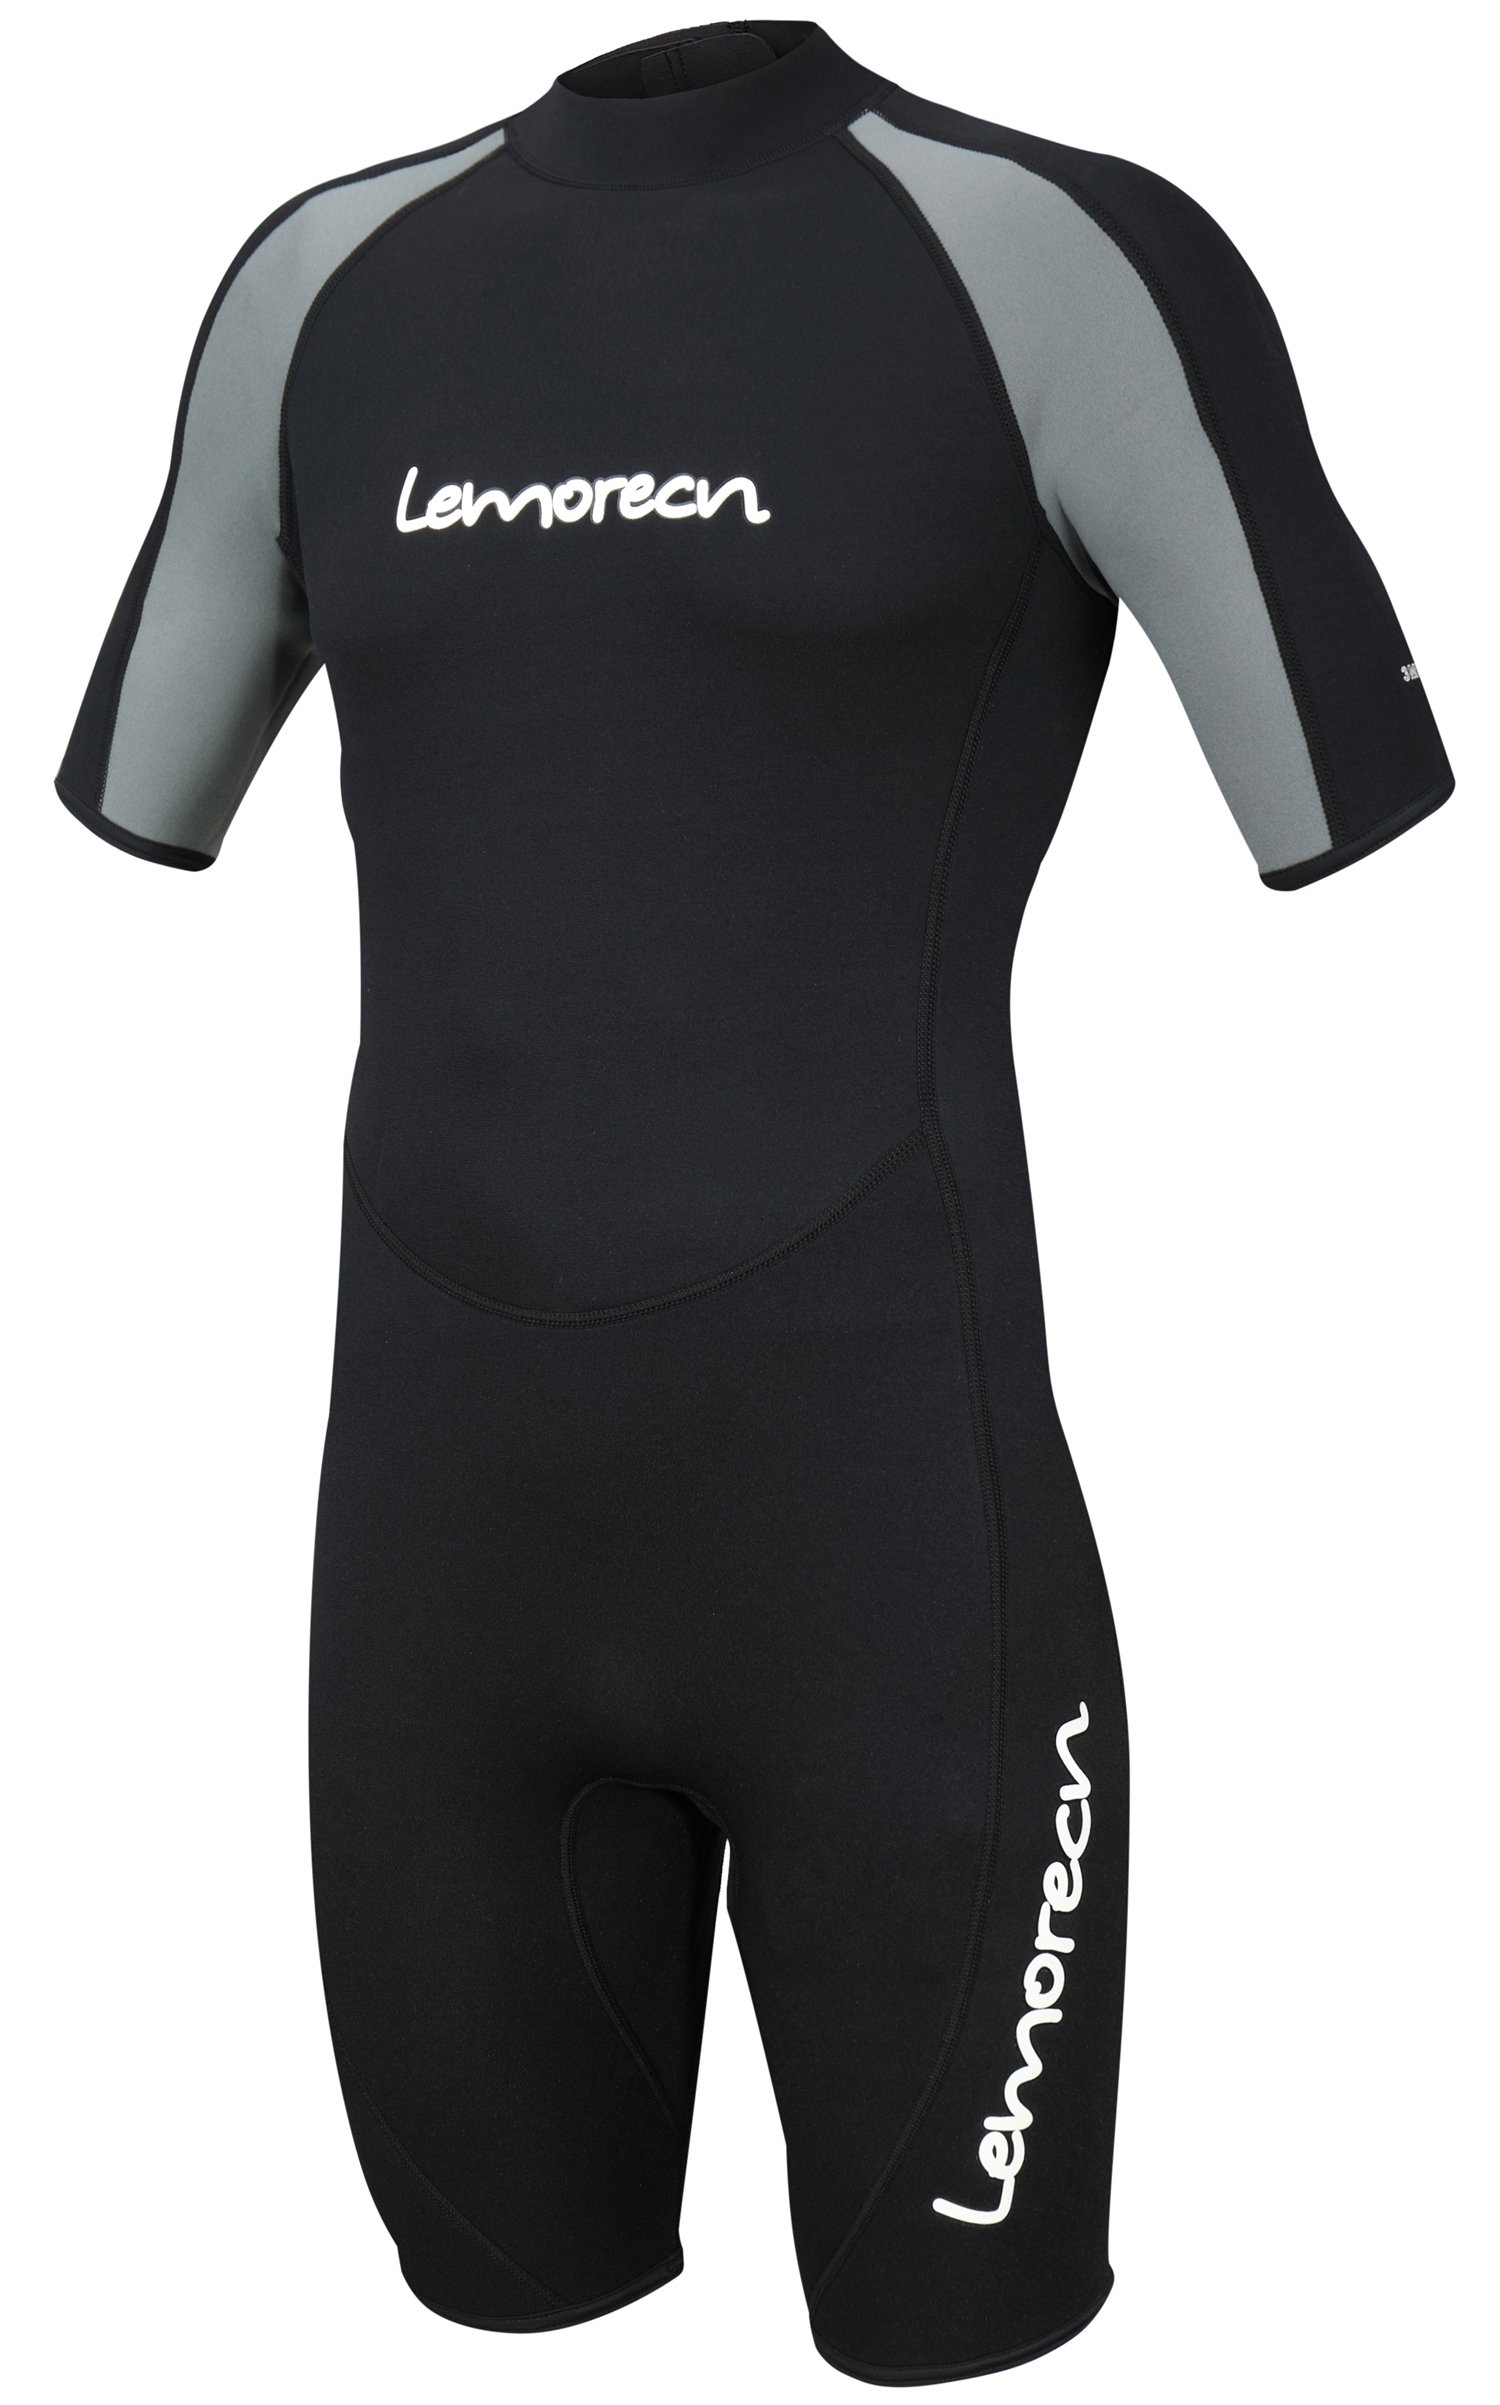 Lemorecn Wetsuits Mens Premium Neoprene Diving Suit 3mm Shorty Jumpsuit(3035blackgrey,S)